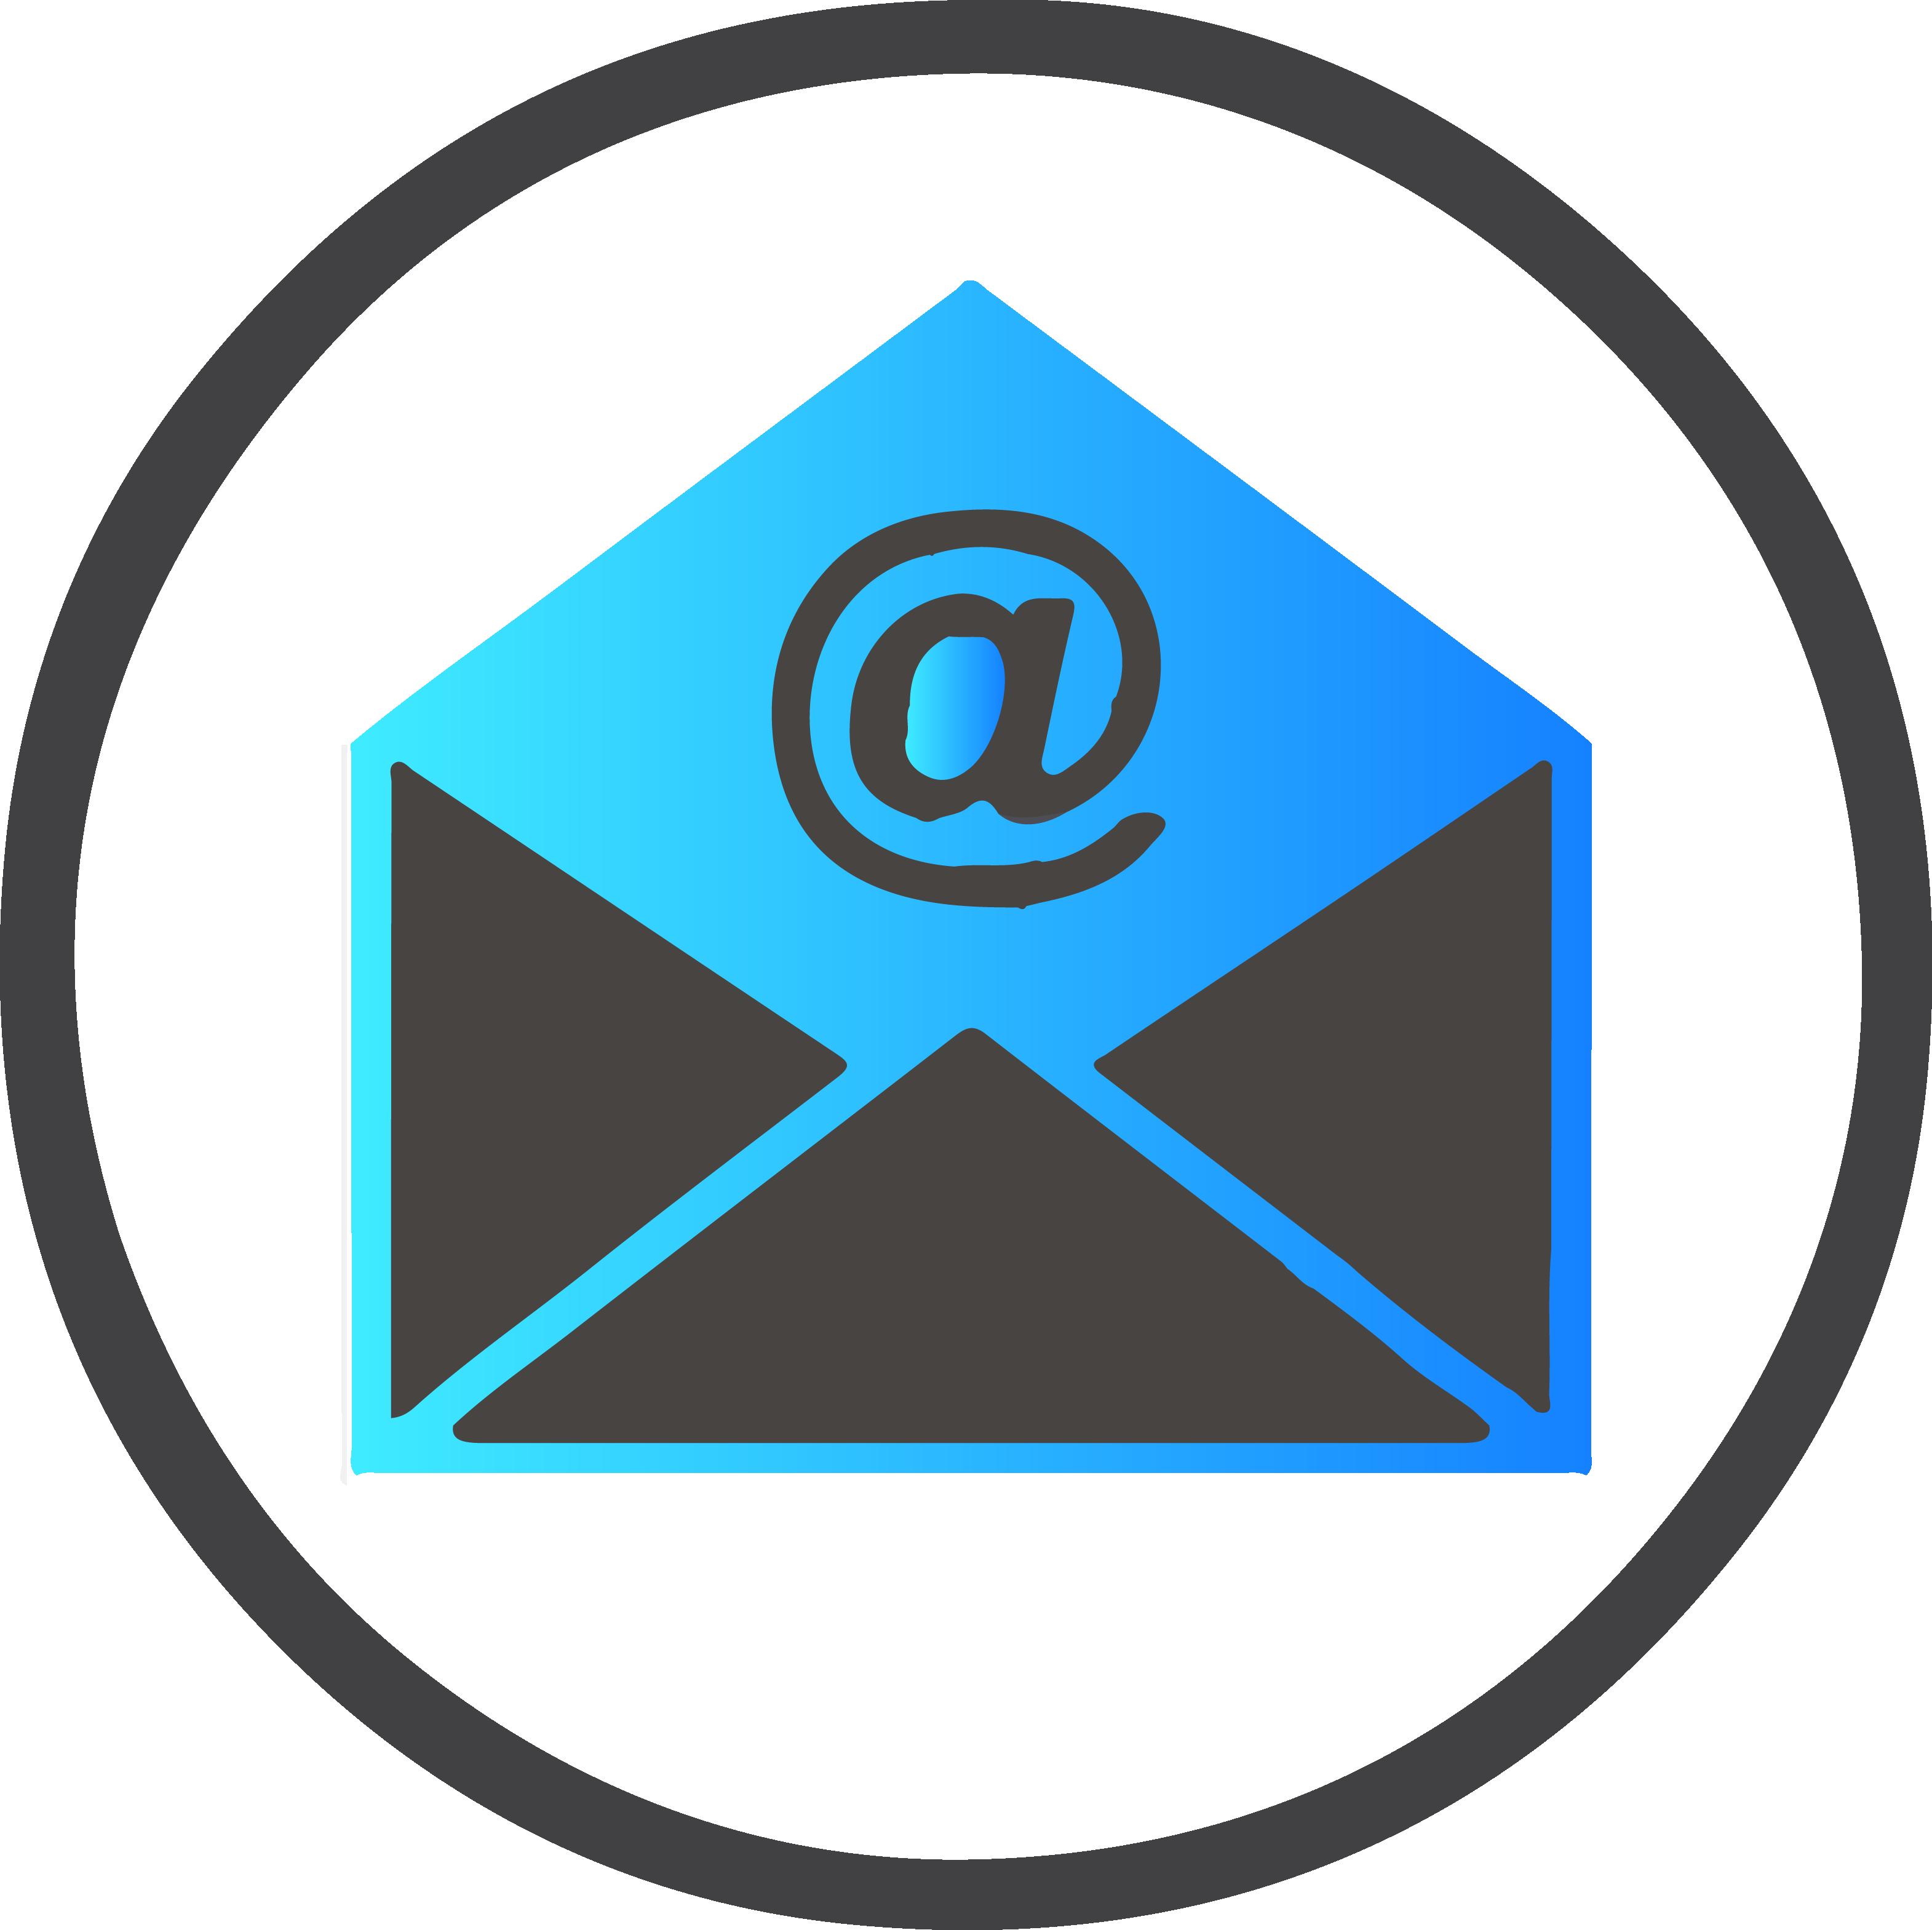 Inviaci un mail e chiedi informazioni per creare la tua app